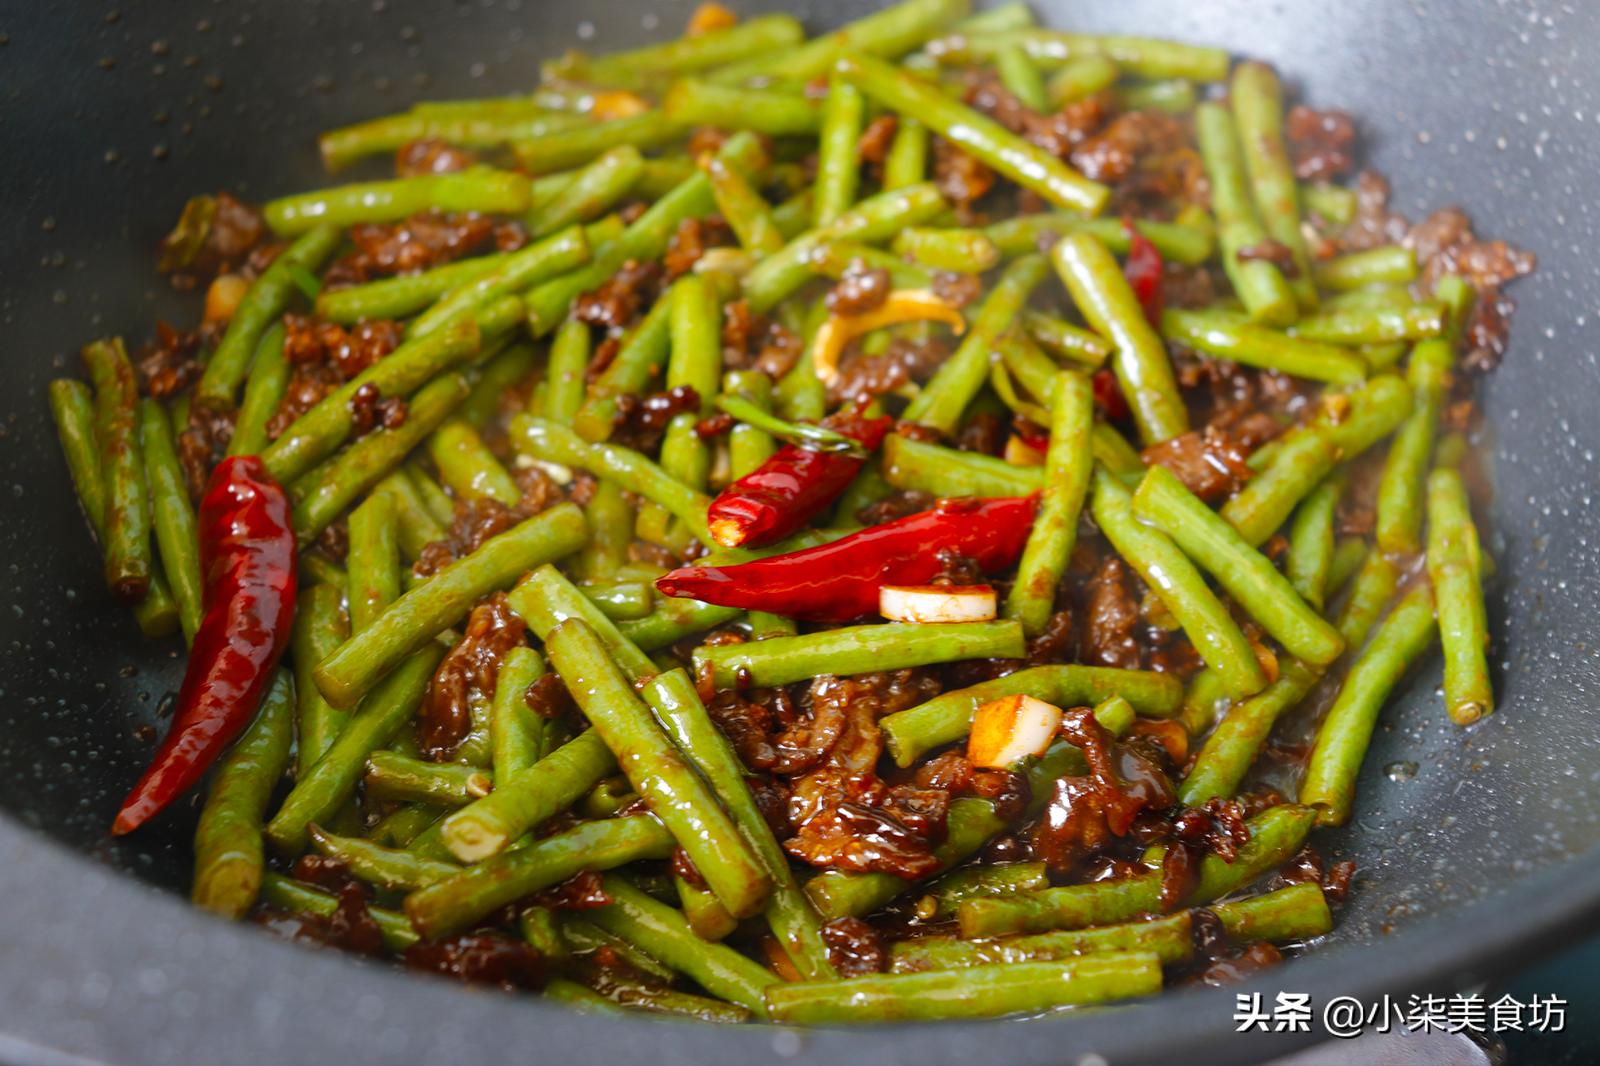 炒豆角时,切记不要直接下锅炒,多加2步,鲜嫩入味,营养又下饭 美食做法 第12张